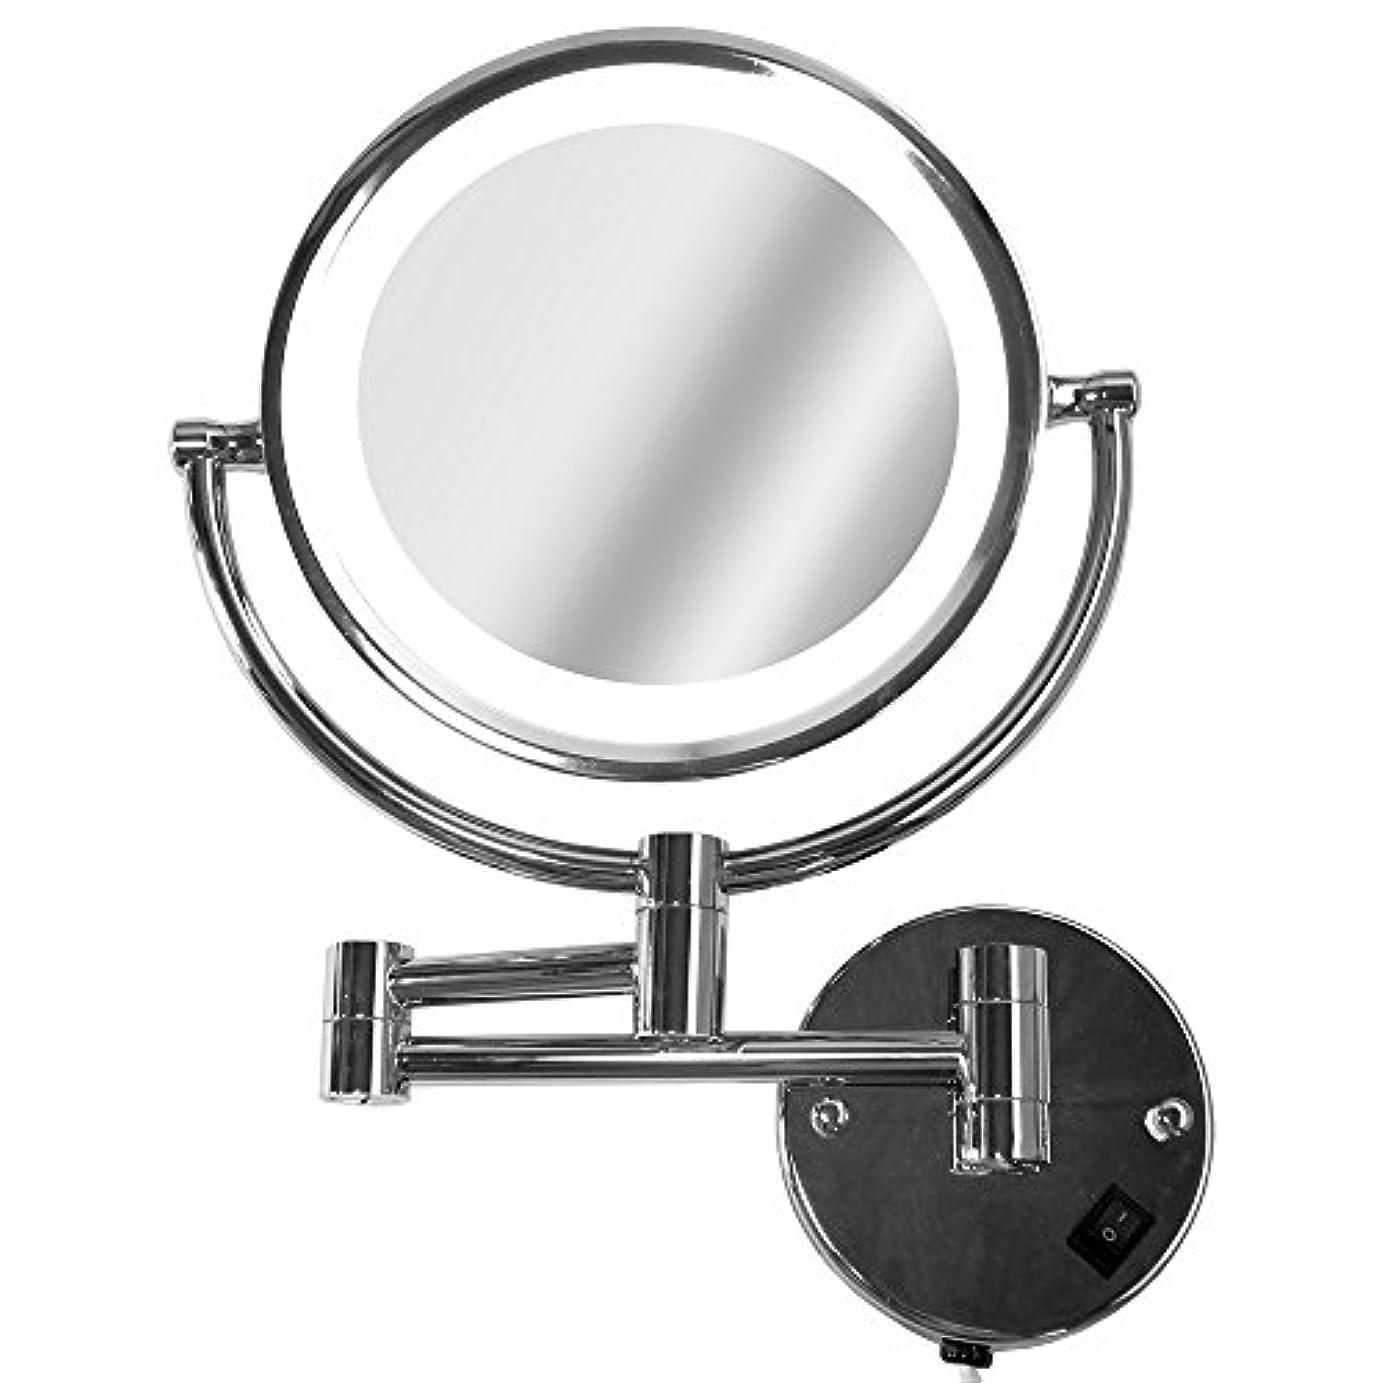 キリスト教染料キウイLa Curie アームミラー 壁付けミラー 拡大鏡 折りたたみホテルミラー LEDライト付 5倍 LaCurie014